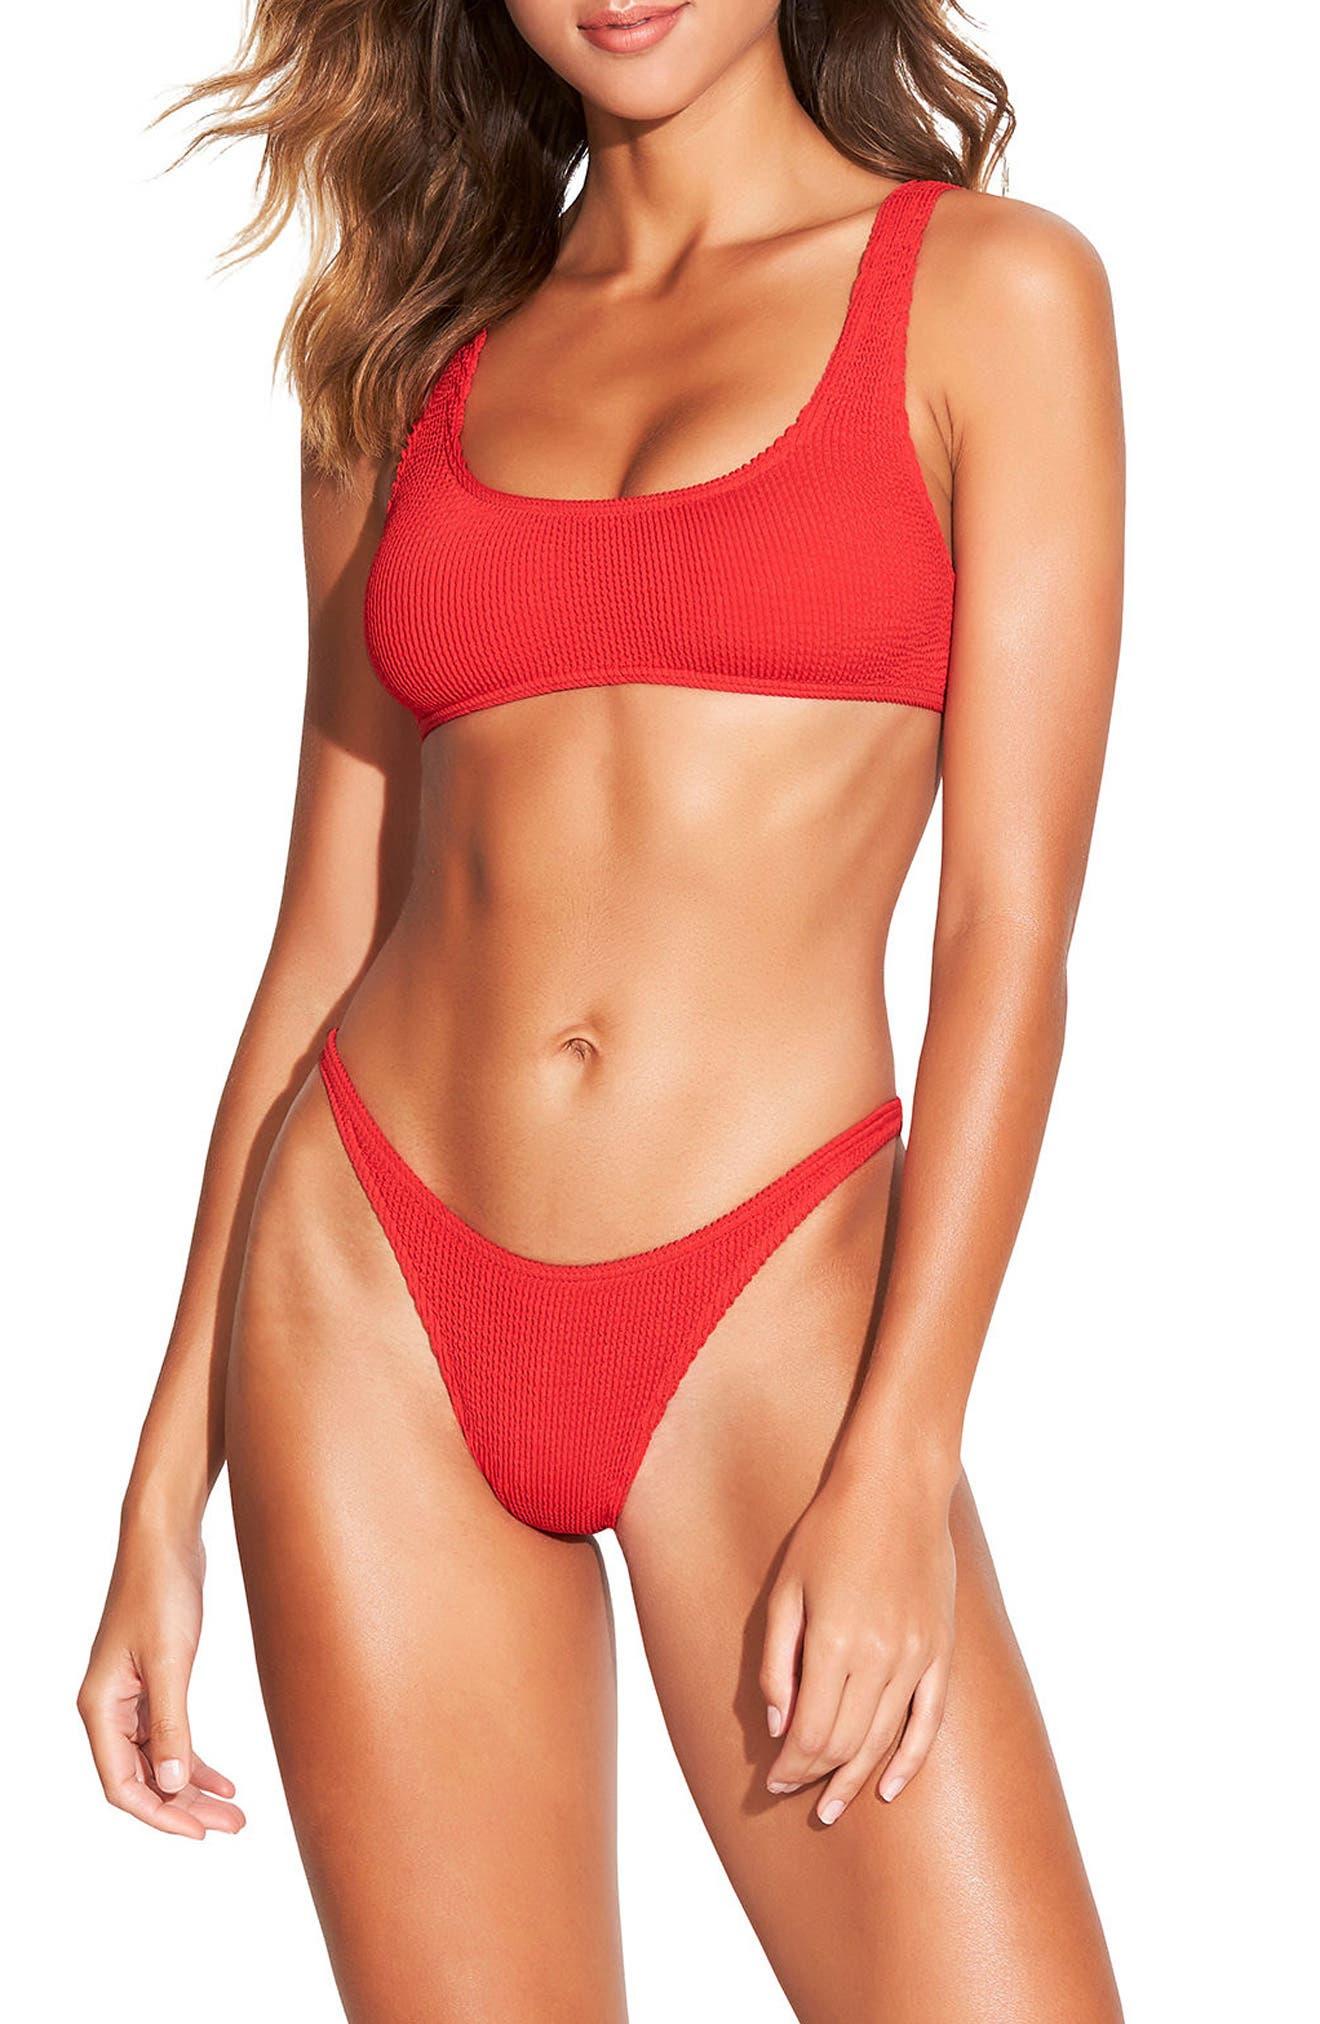 BOUND by Bond-Eye The Malibu Two-Piece Bikini Swimsuit